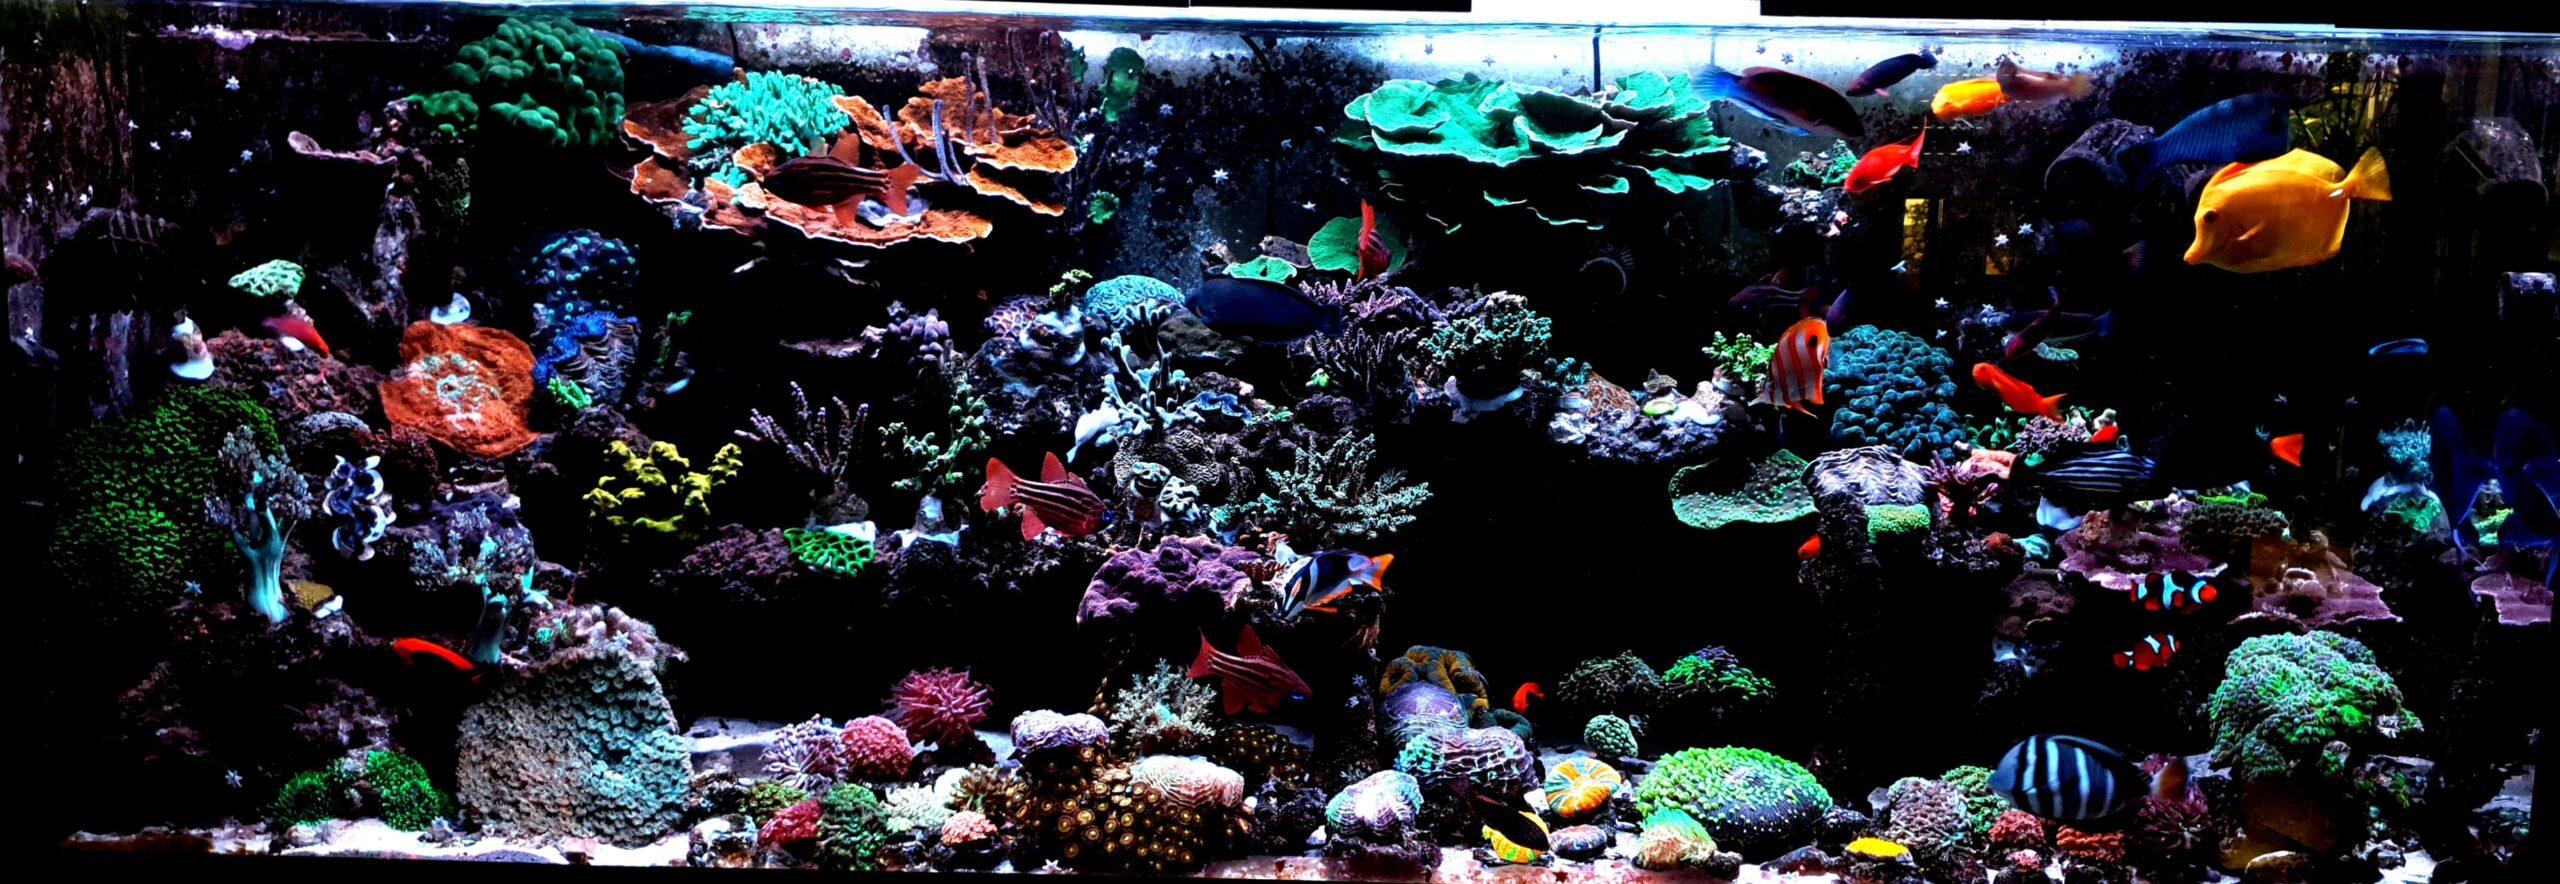 Korallenzone